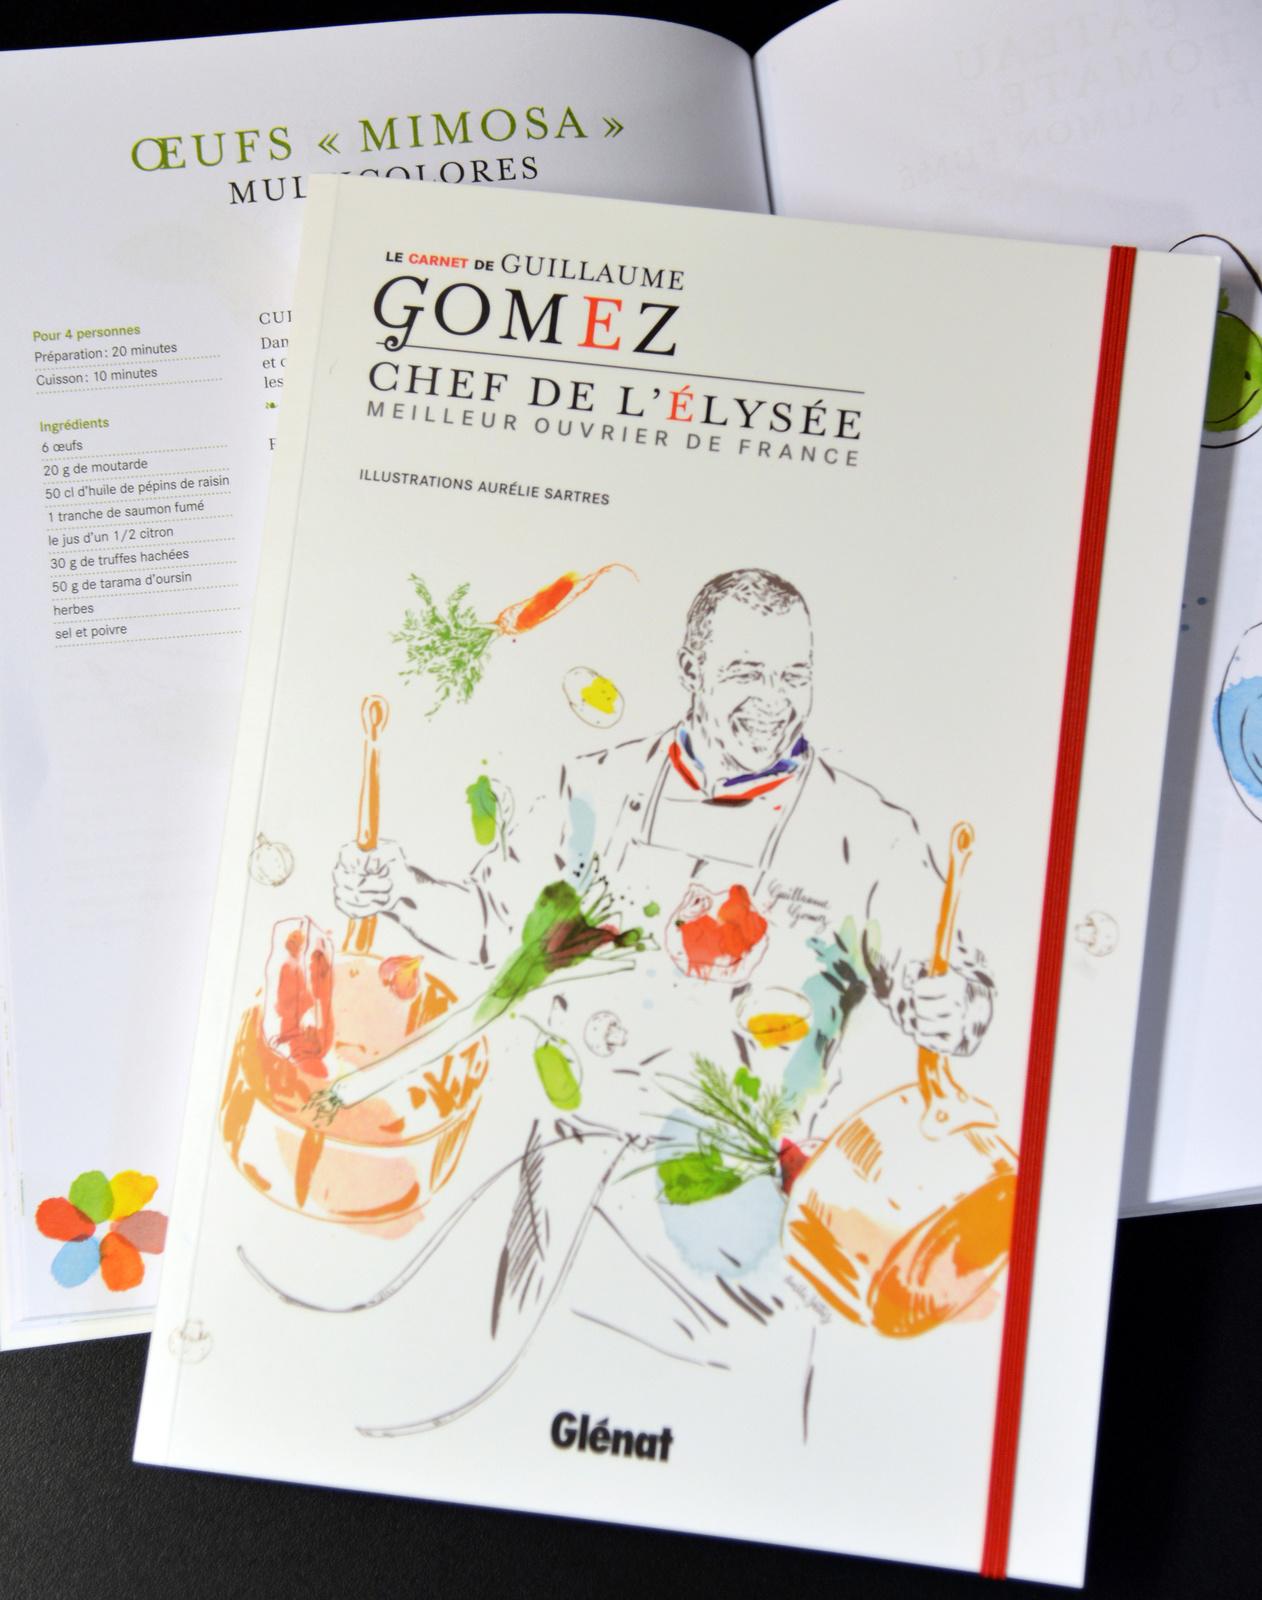 A découvrir, le livre de recettes de Guillaume Gomez, Chef des cuisines de l'Elysée